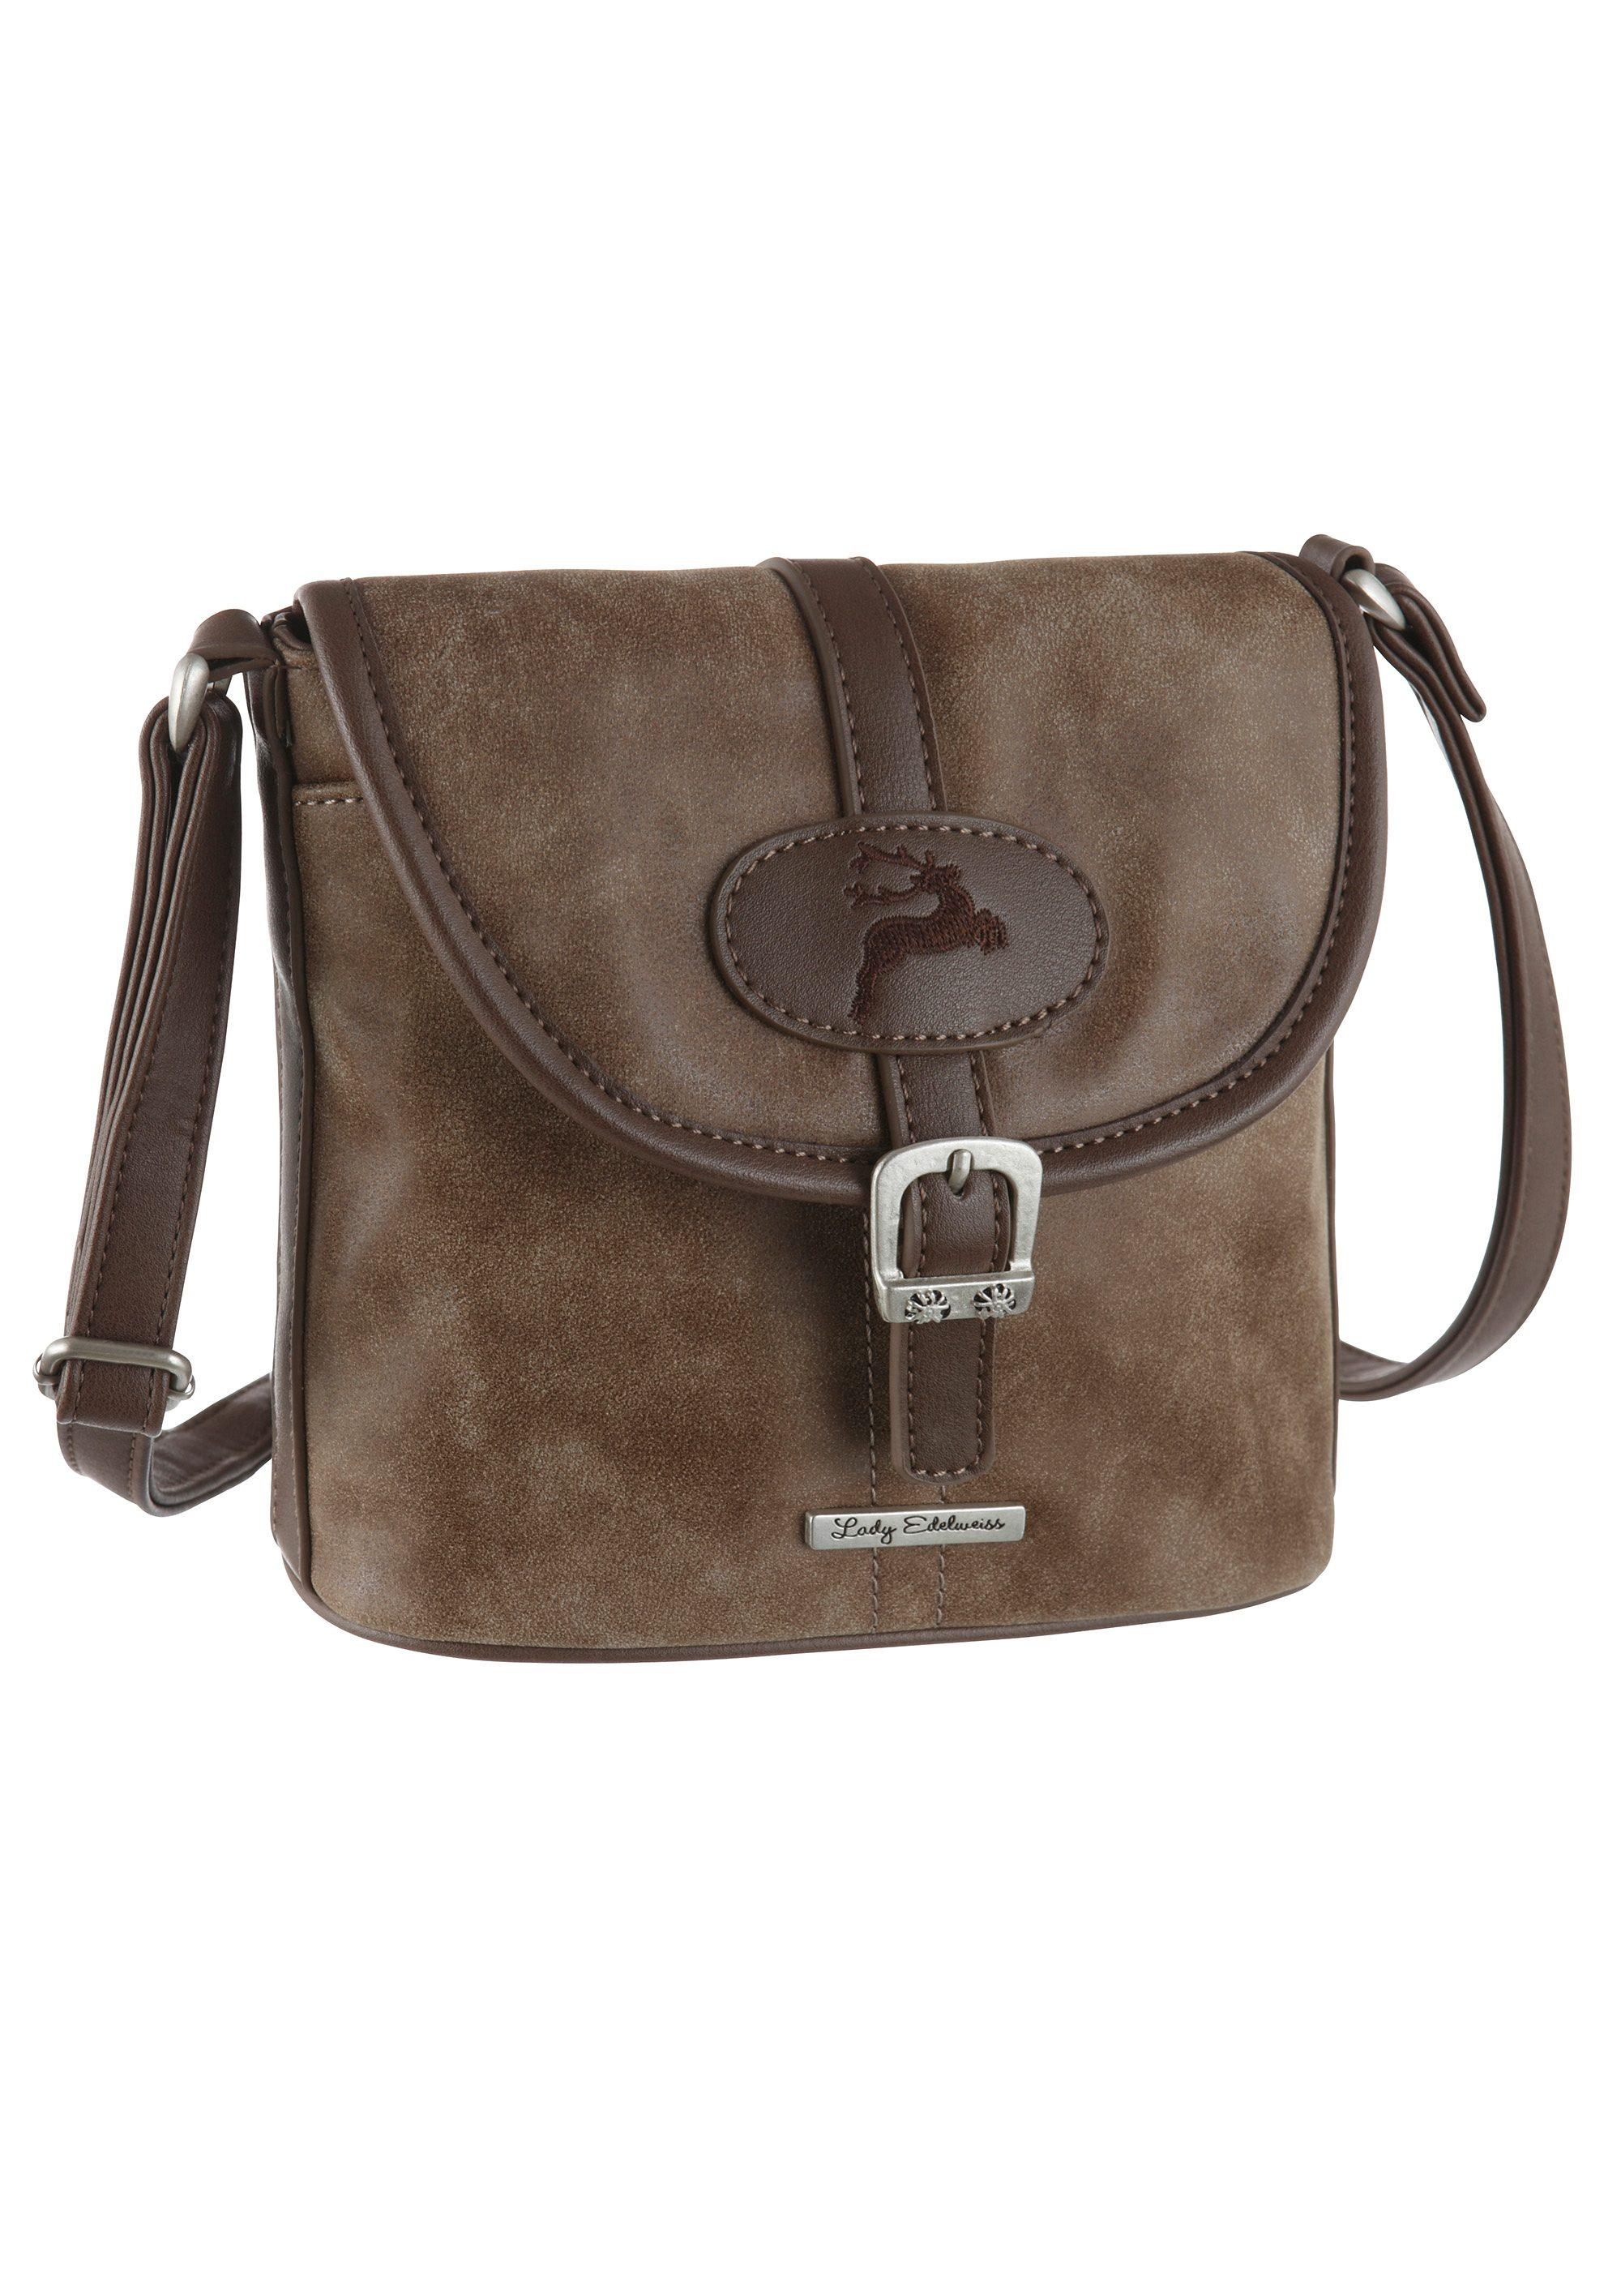 Lady Edelweiss Trachtentasche mit verstellbaren Trägerriemen